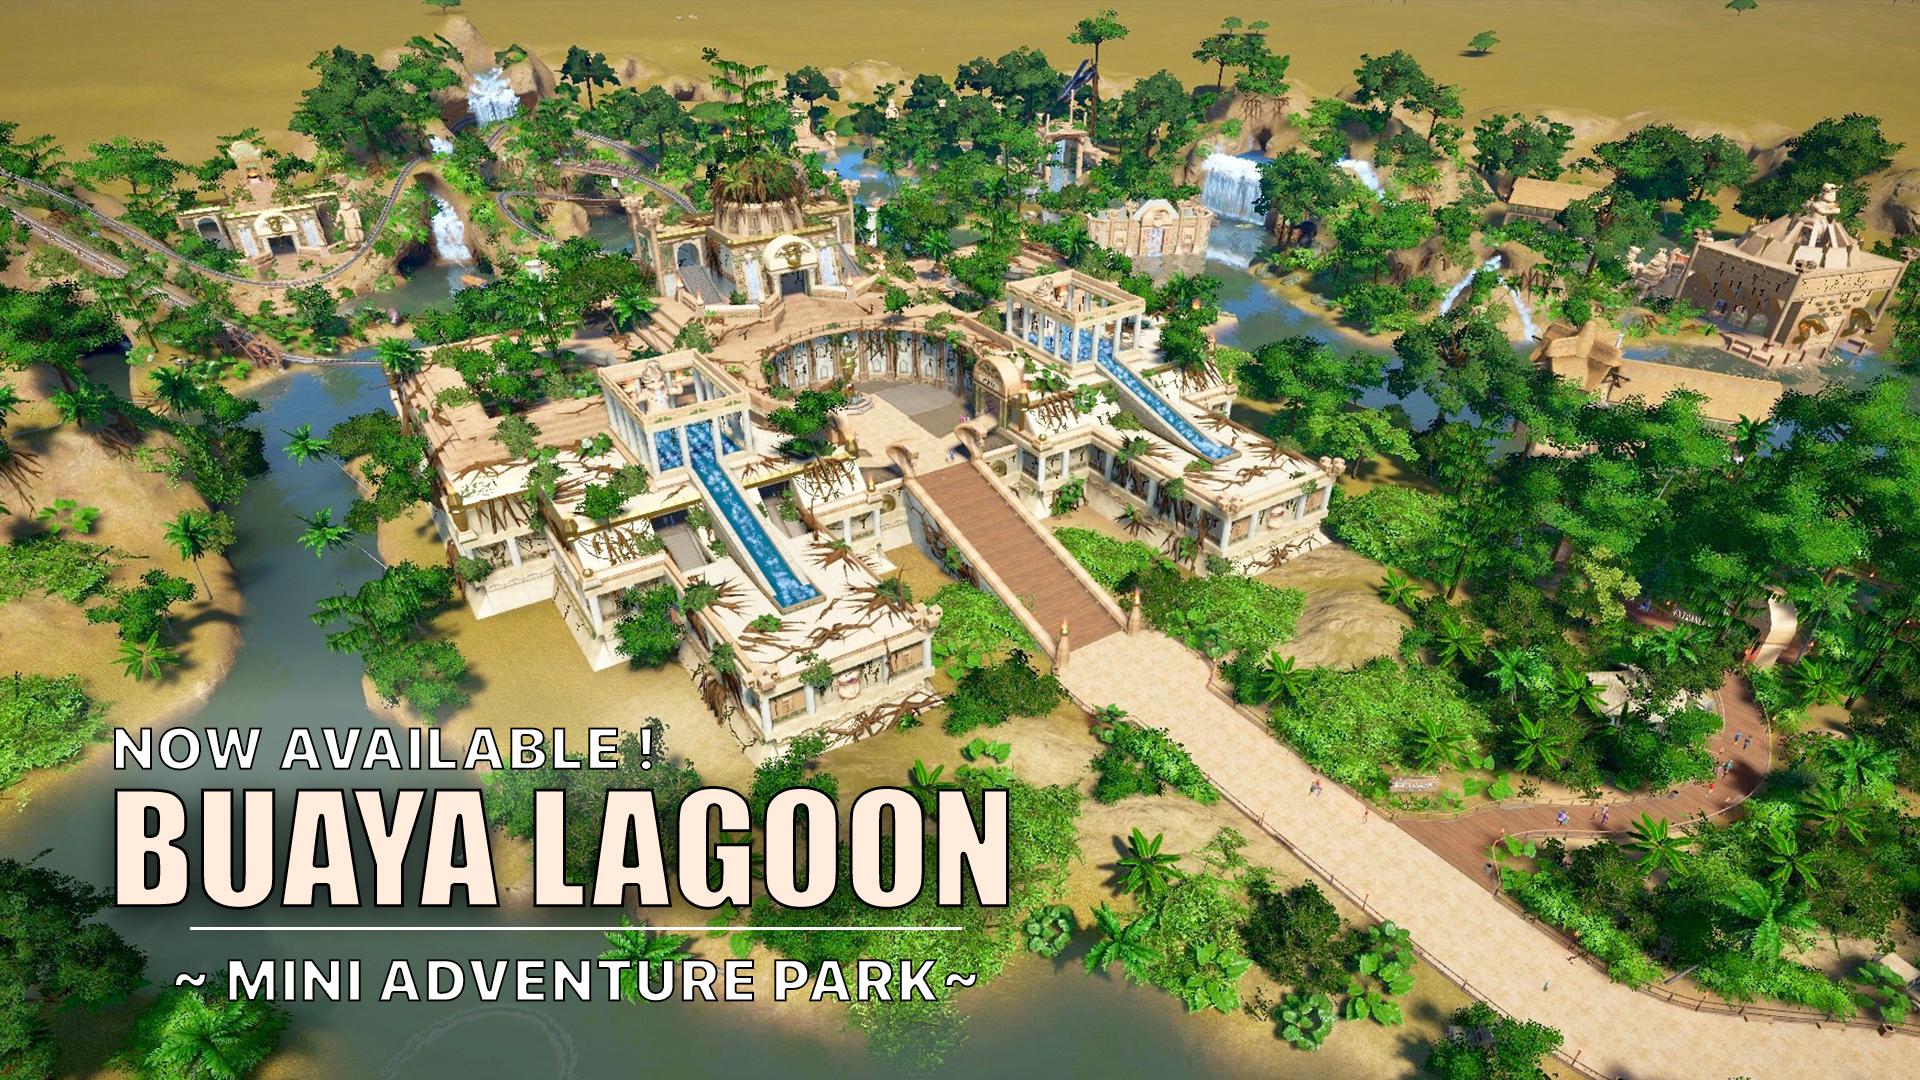 buaya lagoon